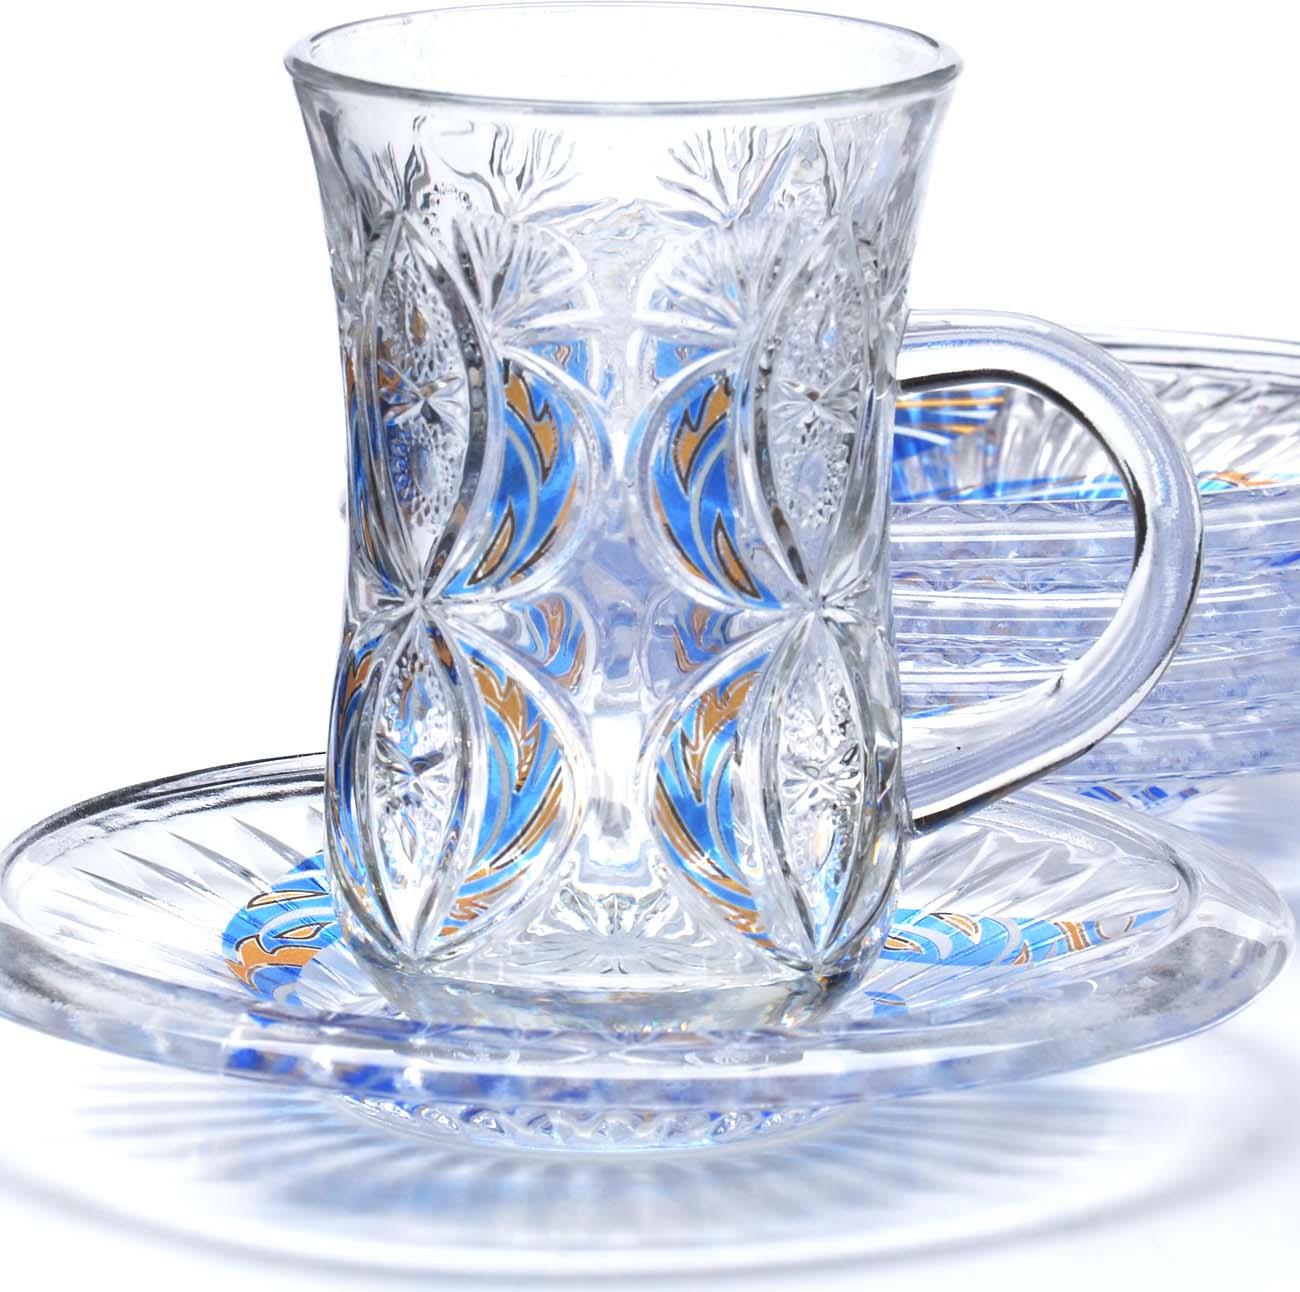 Набор чайный Loraine, цвет: прозрачный, голубой, желтый, 12 предметов